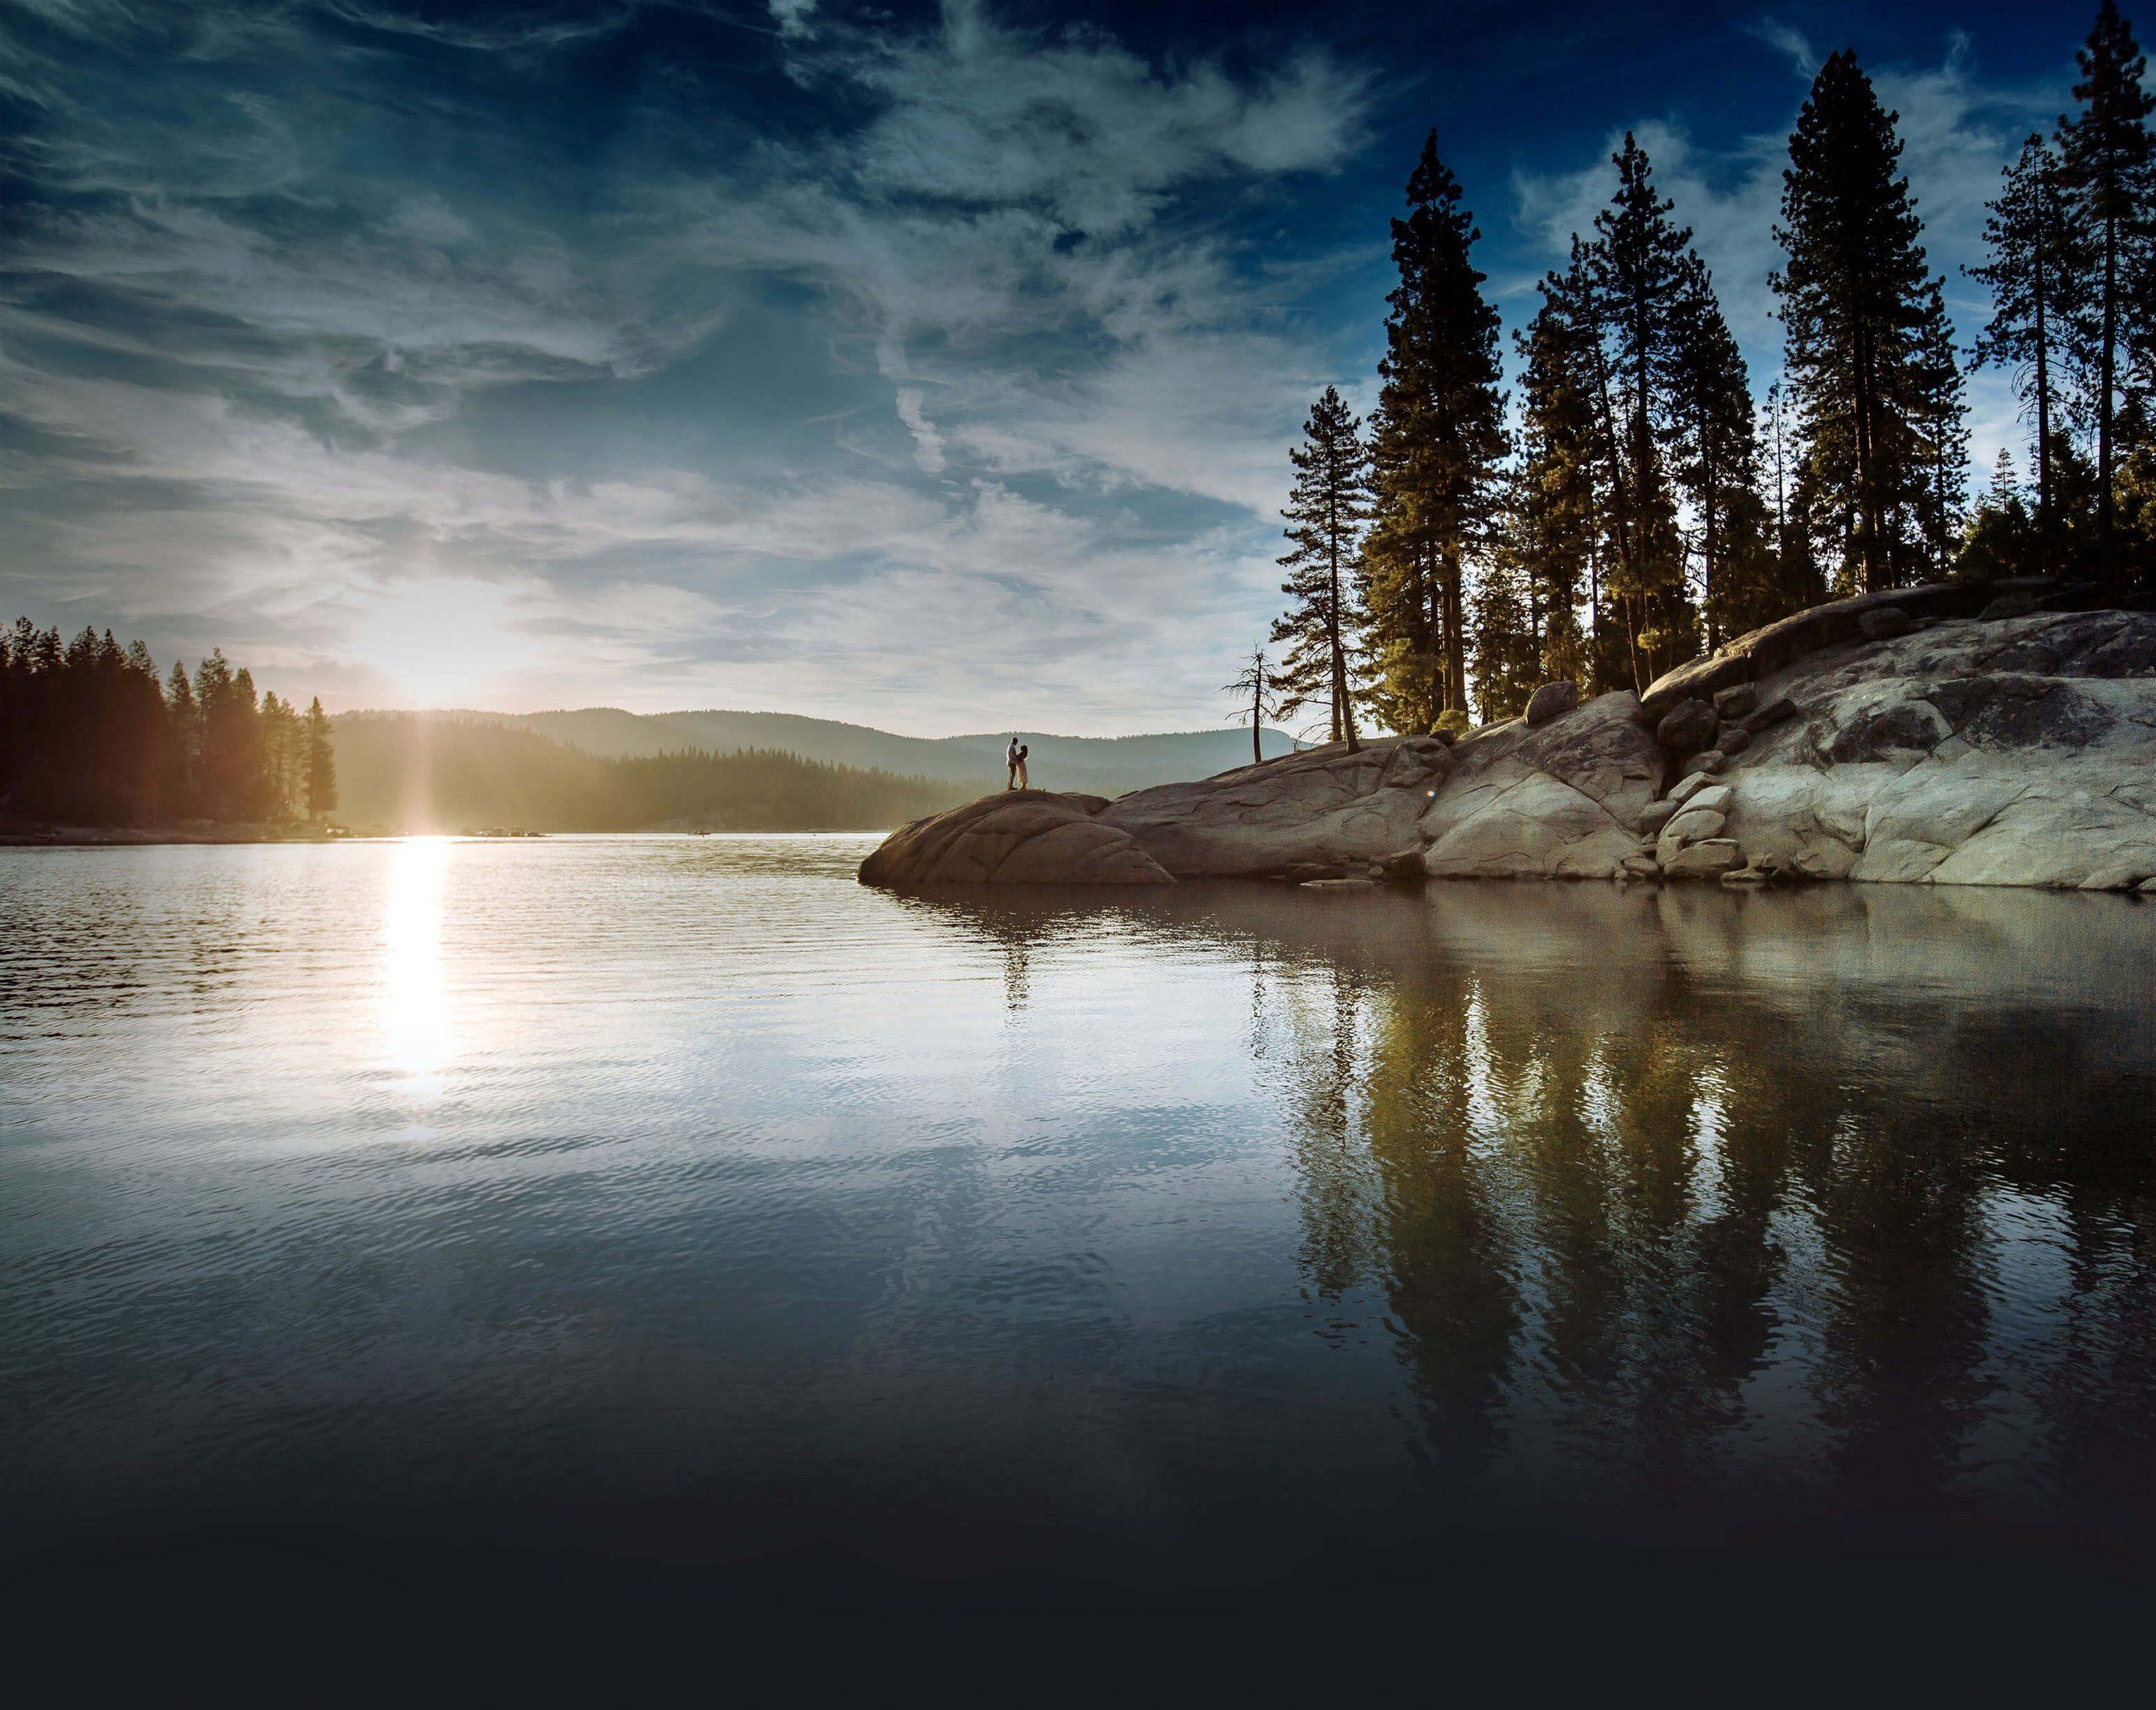 shaver-lake-bg-scaled